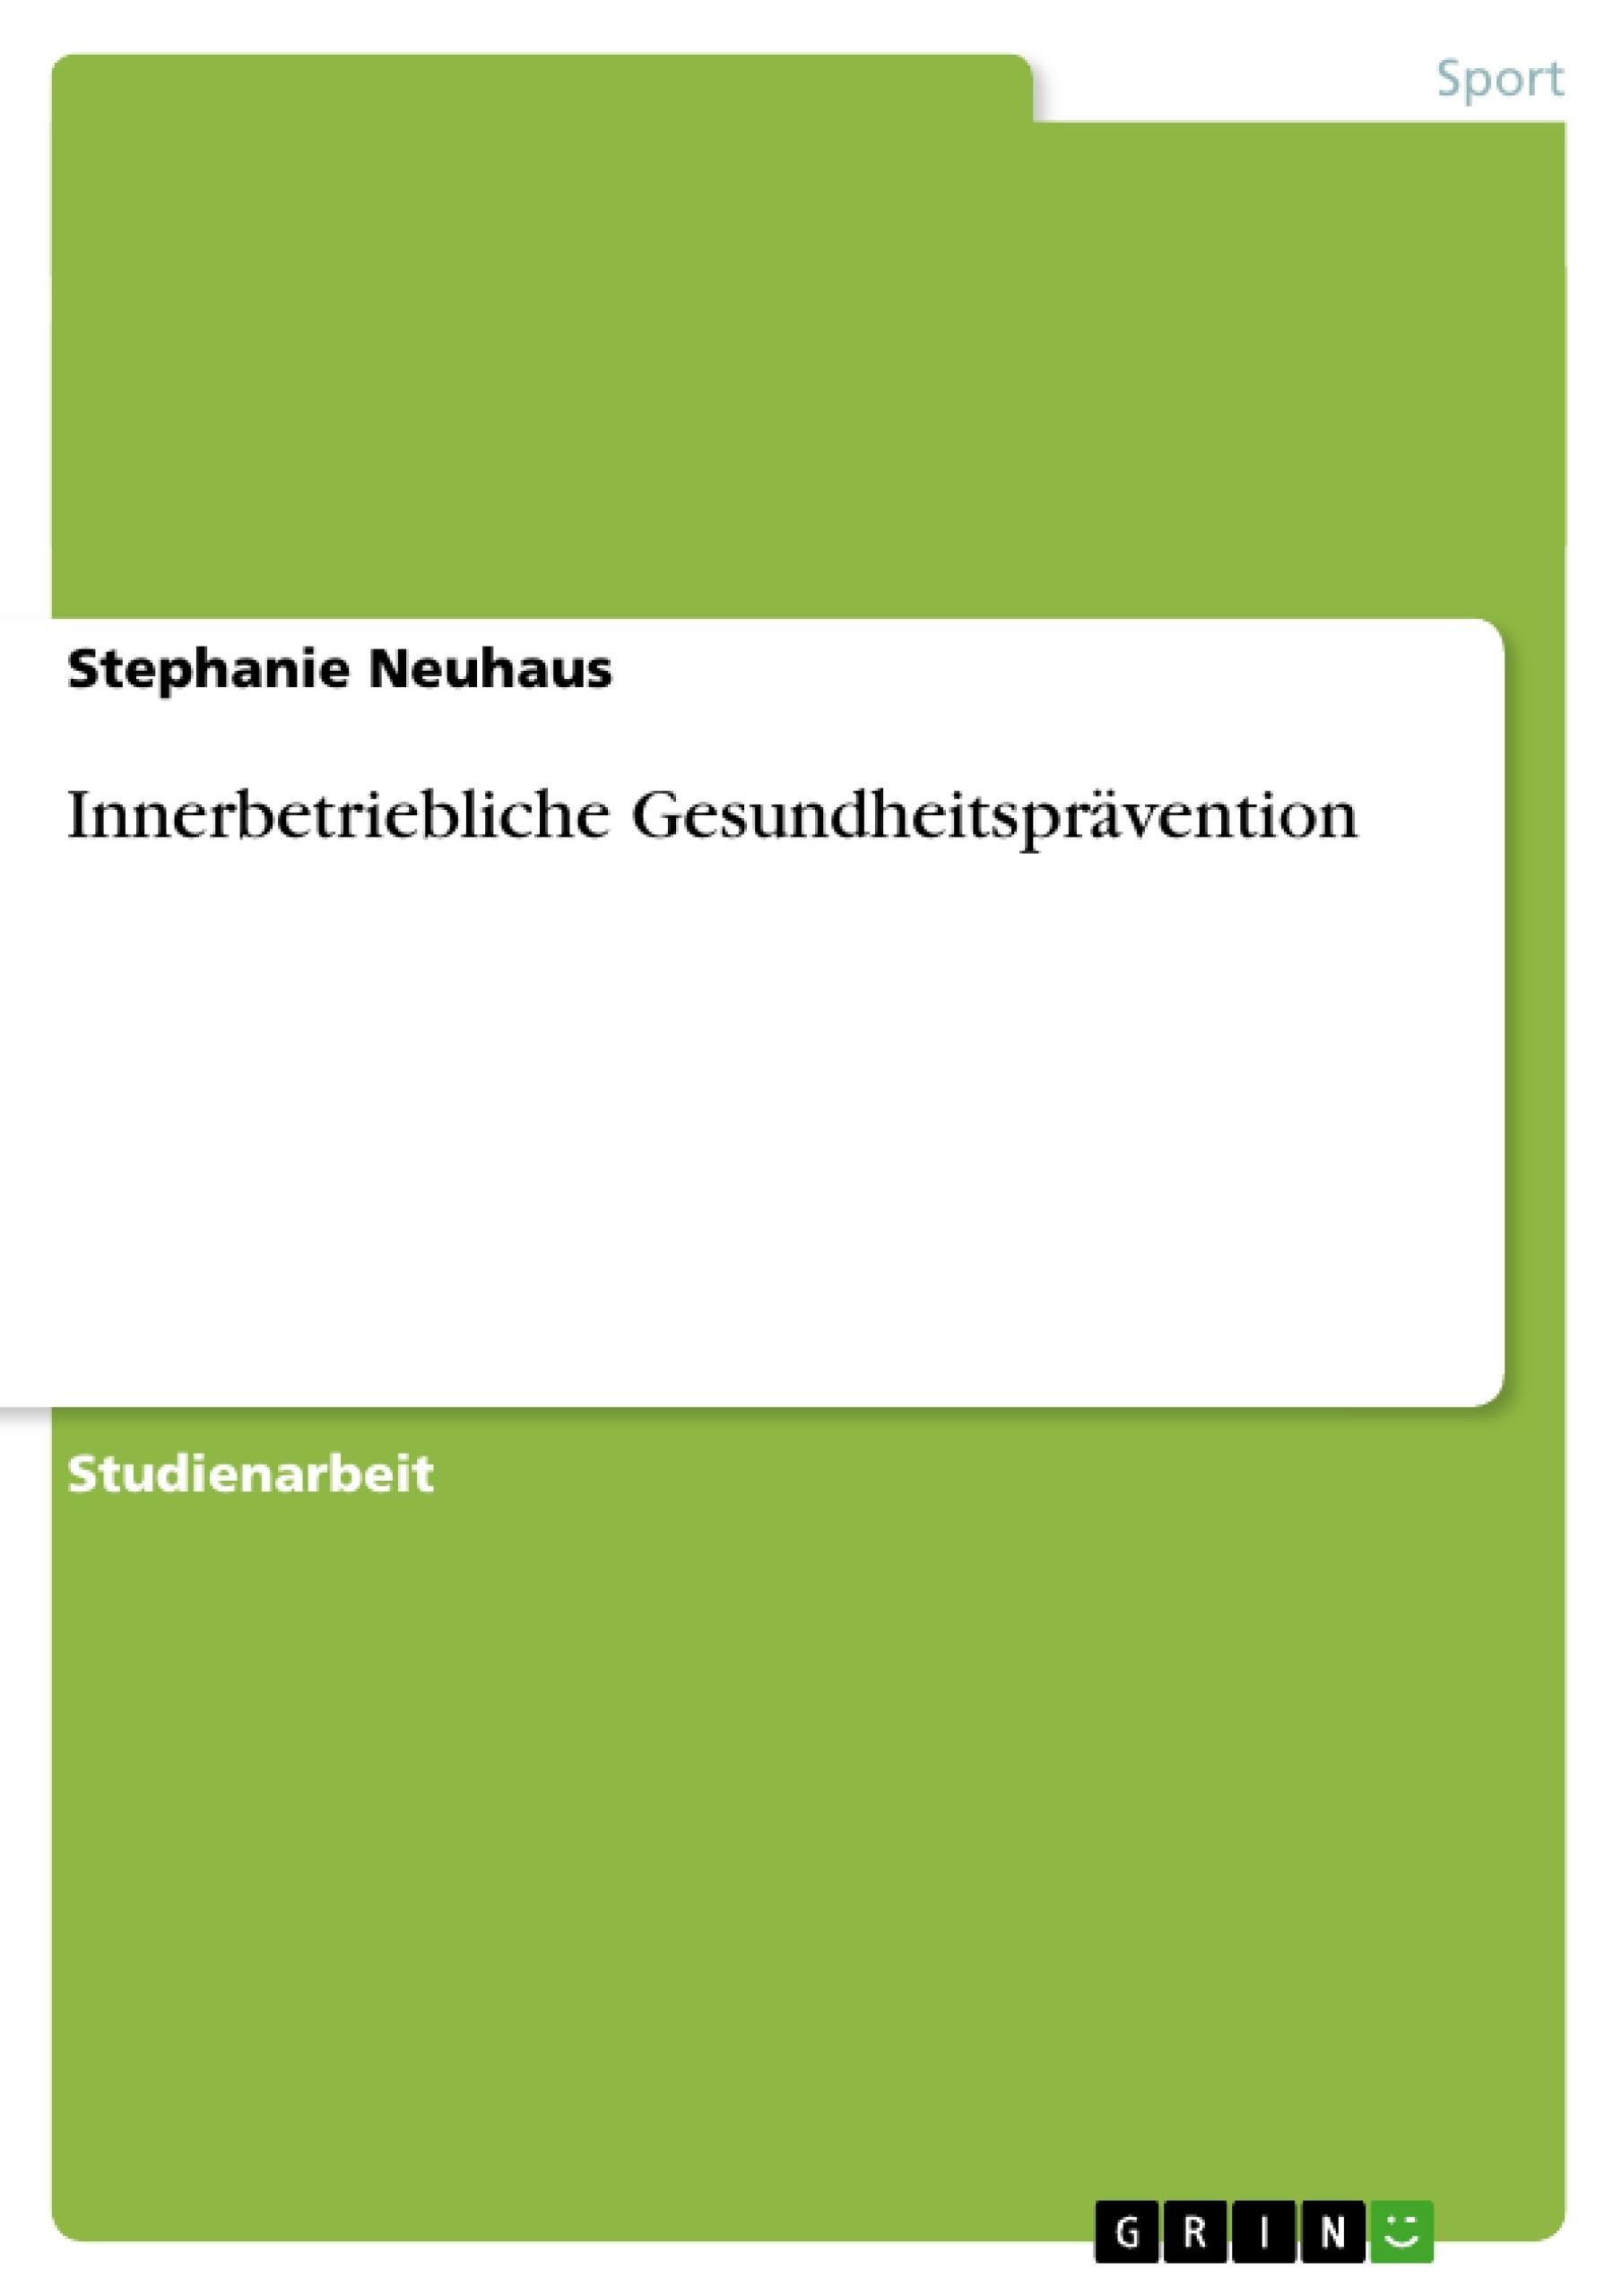 Titel: Innerbetriebliche Gesundheitsprävention